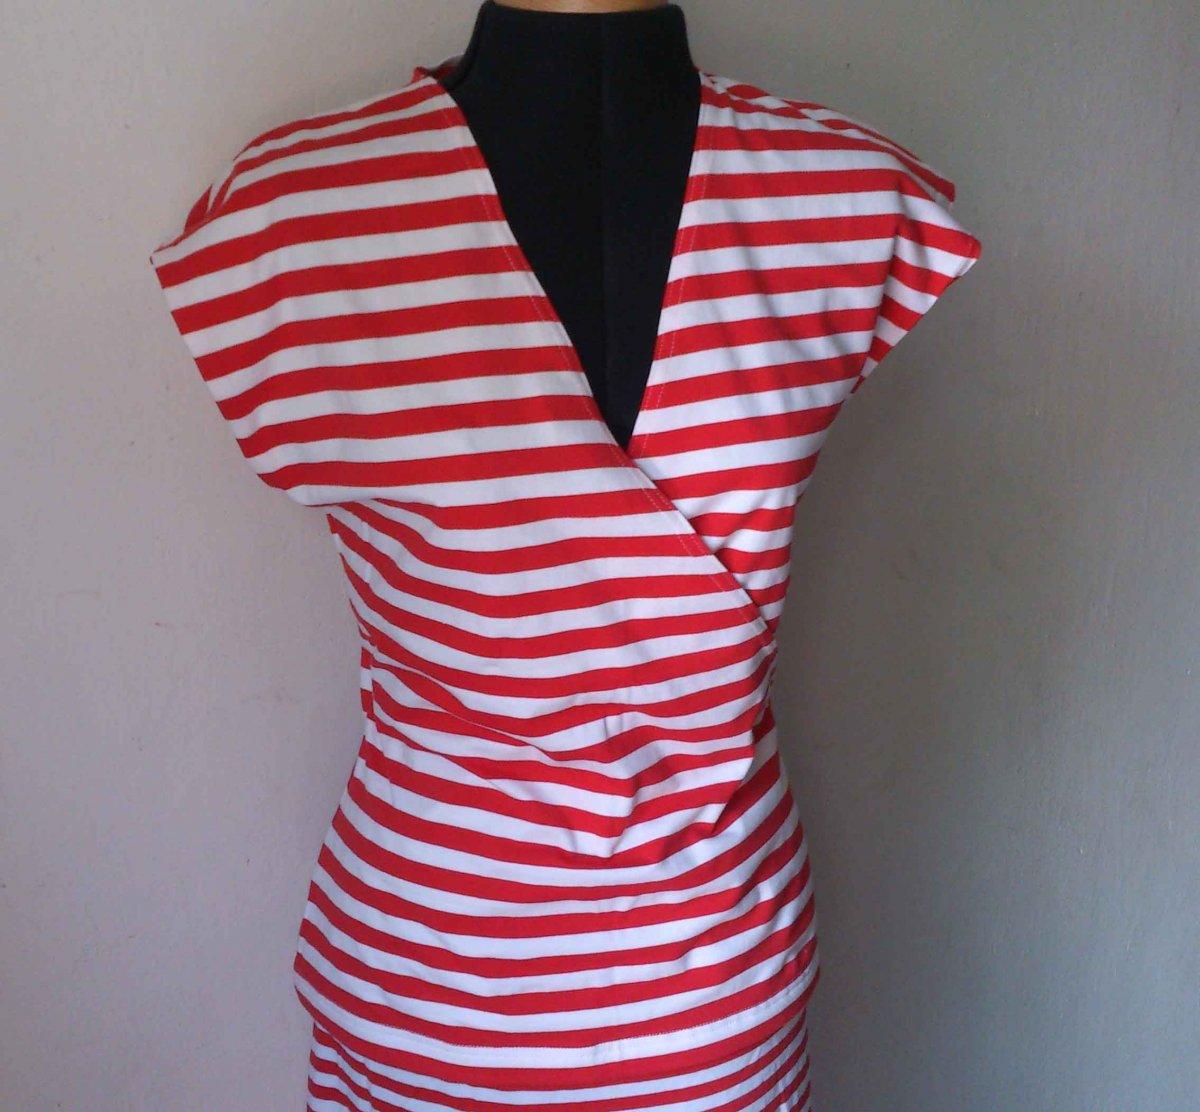 LETNÍ VÝPRODEJ Dámské tričko červeno bíle pruhované – Potvor ... 6fb3f48eb3